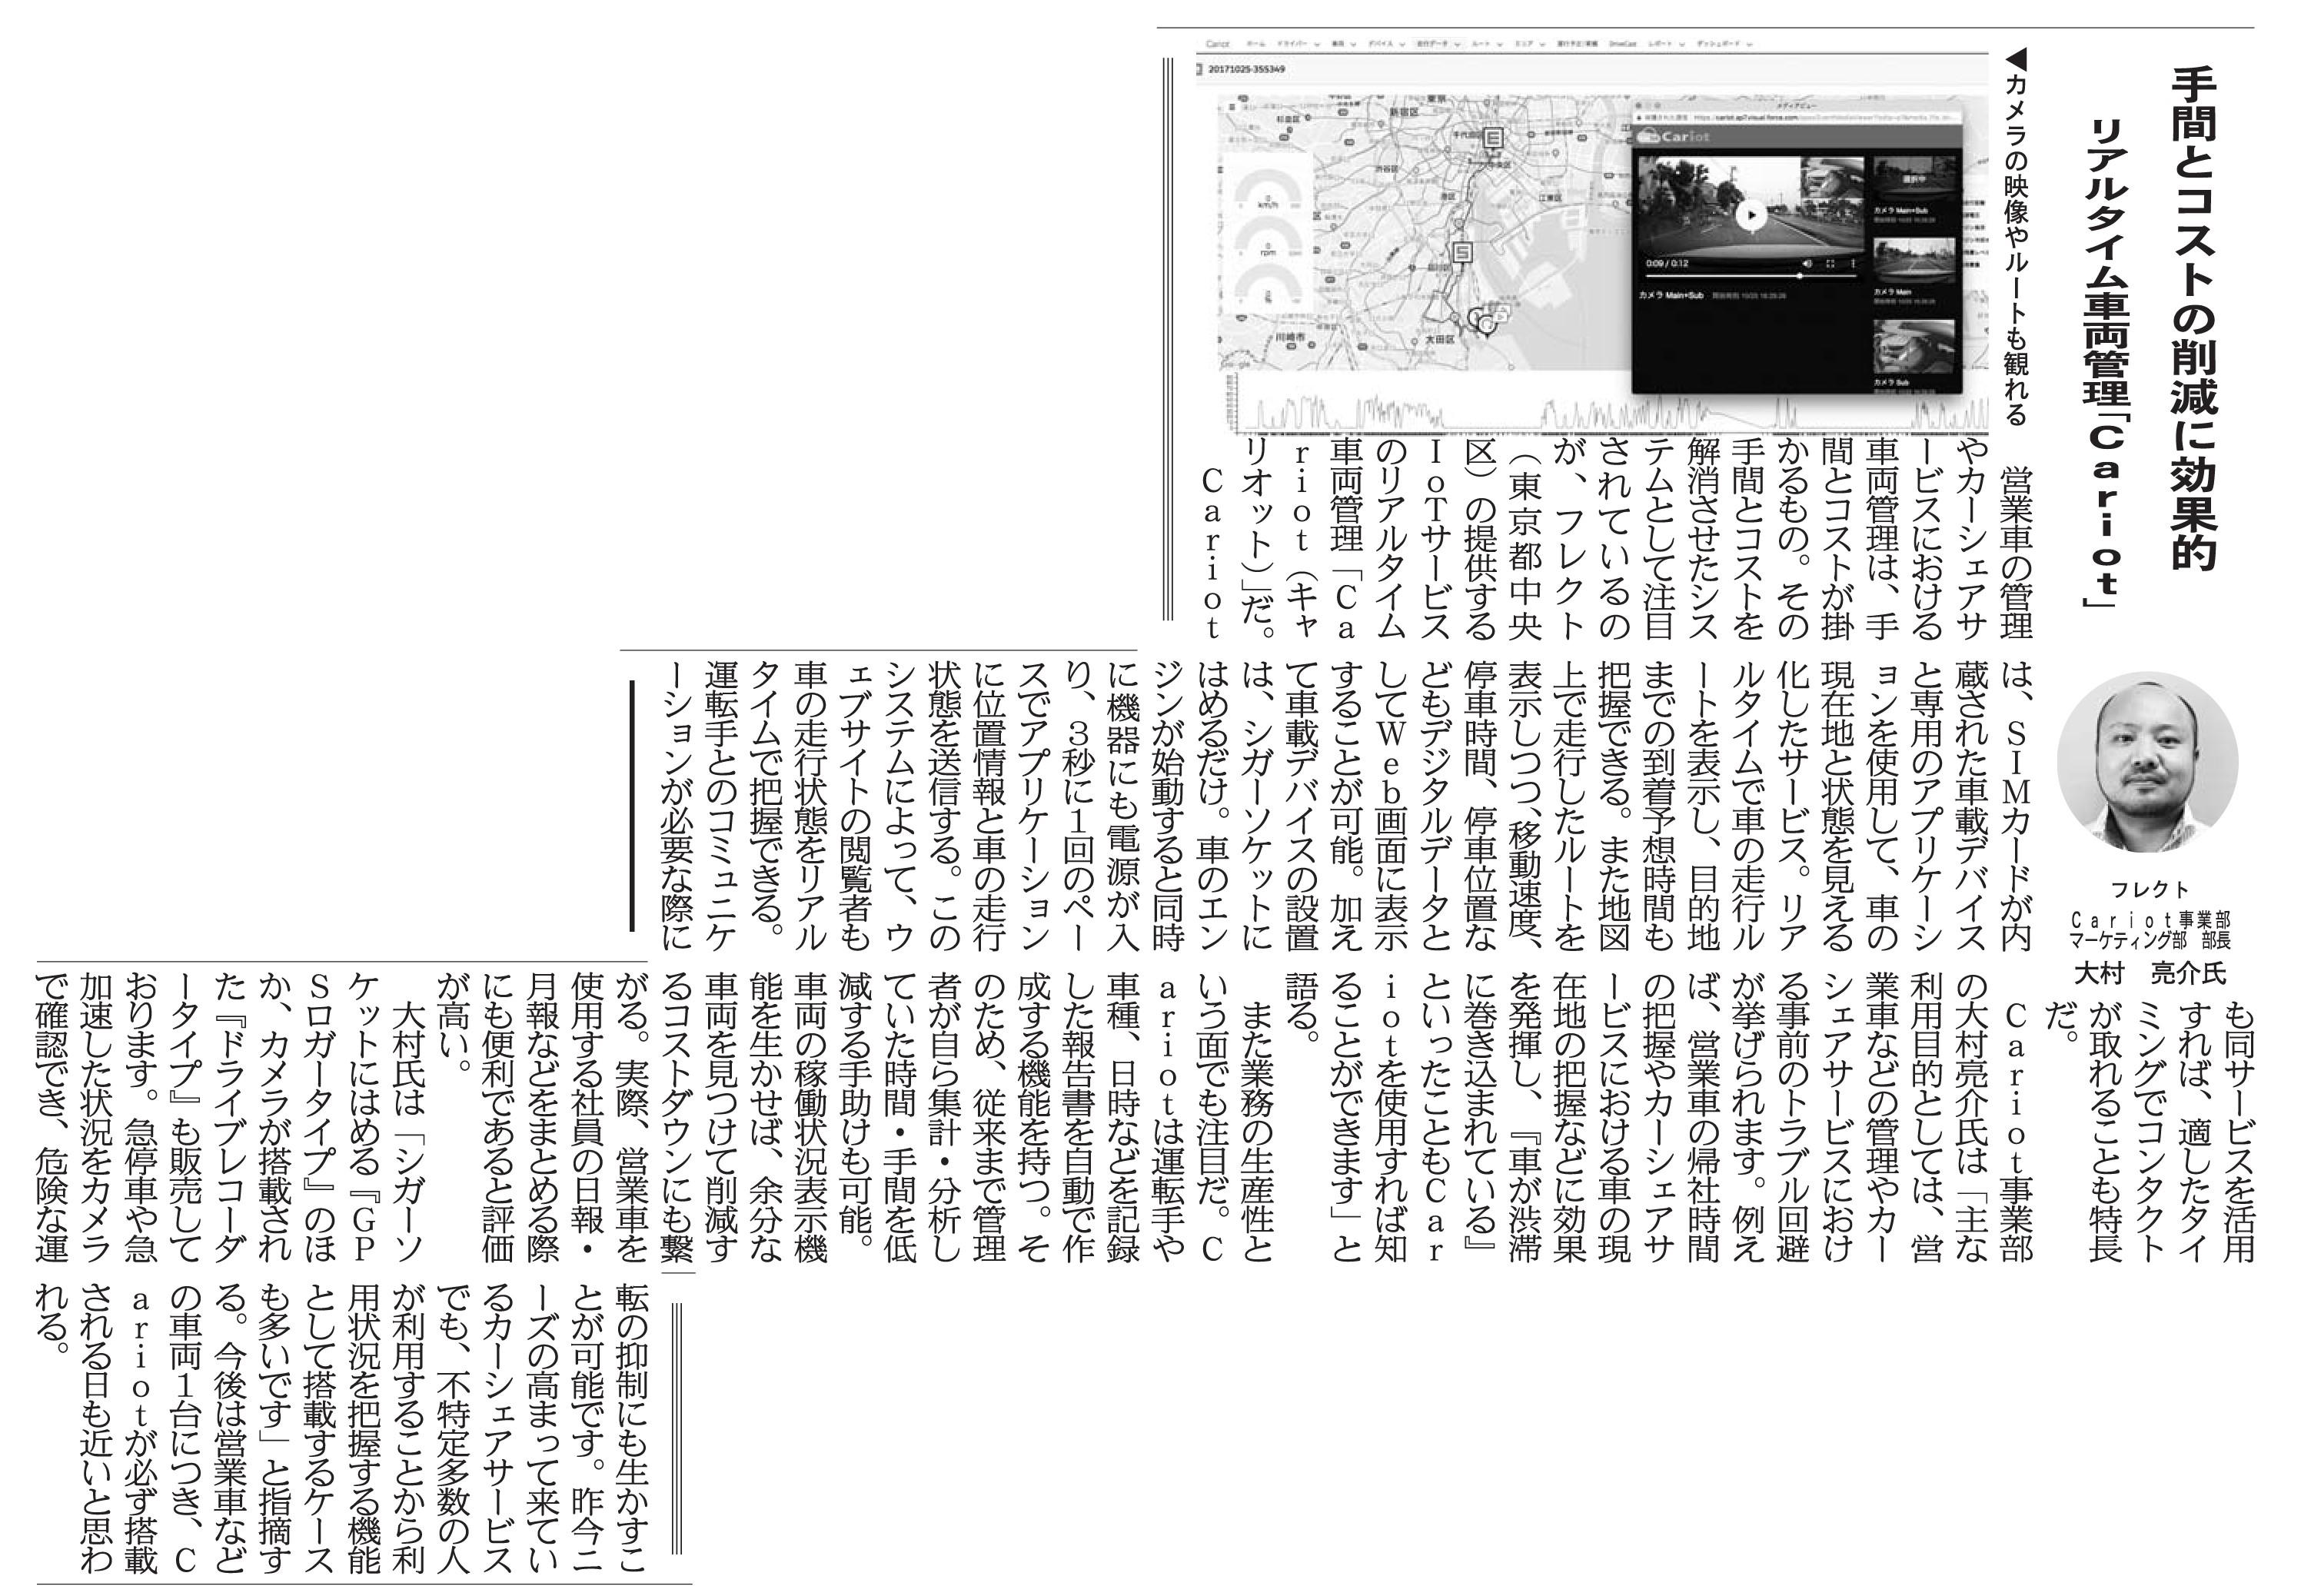 週刊ビル経営20180910 - コピー